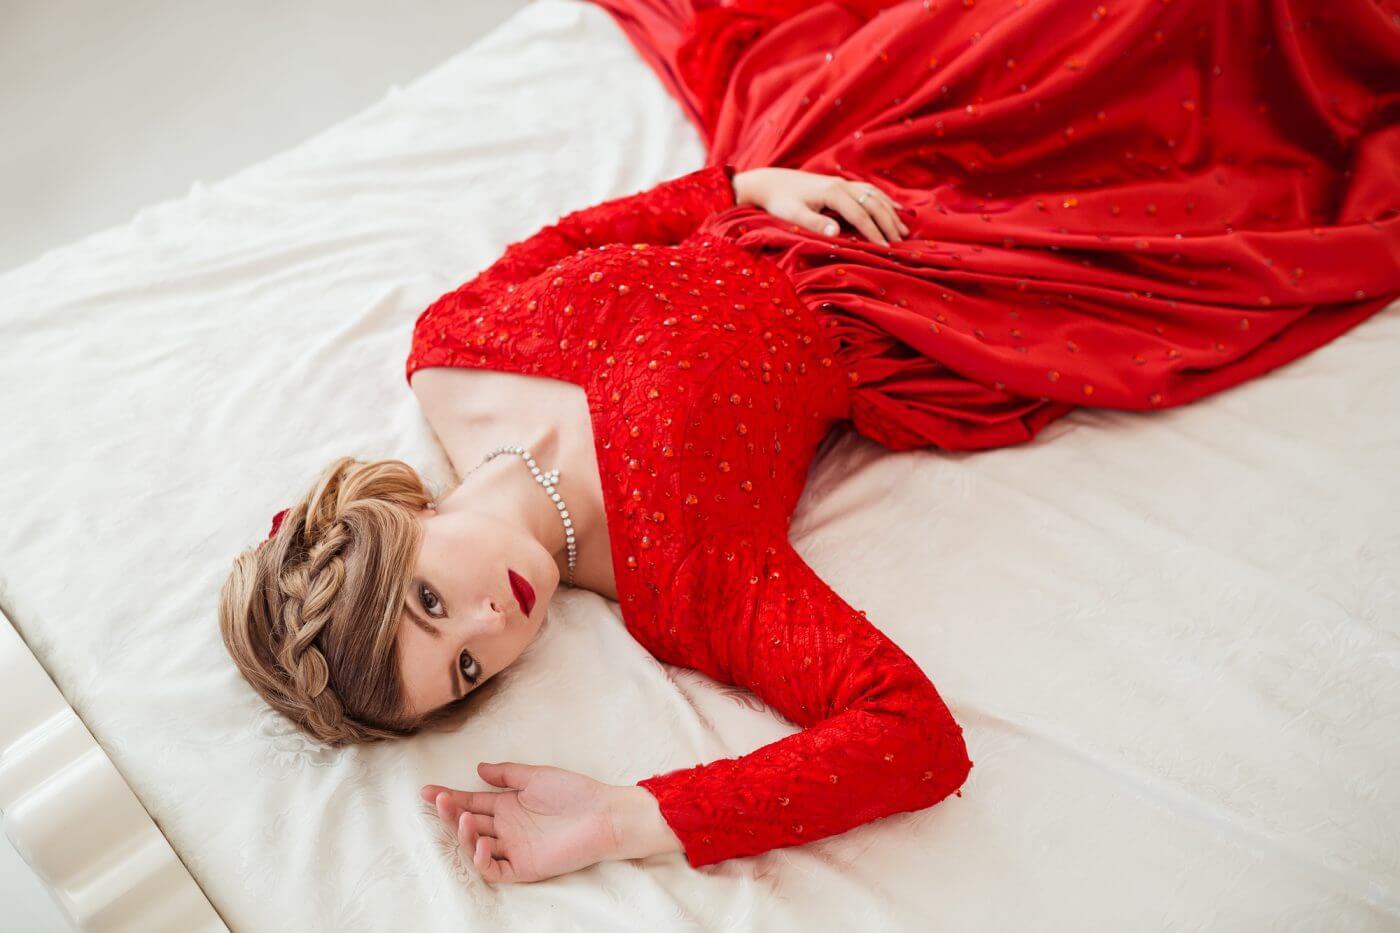 【結婚式OK】赤のパーティードレスの選び方&マナー